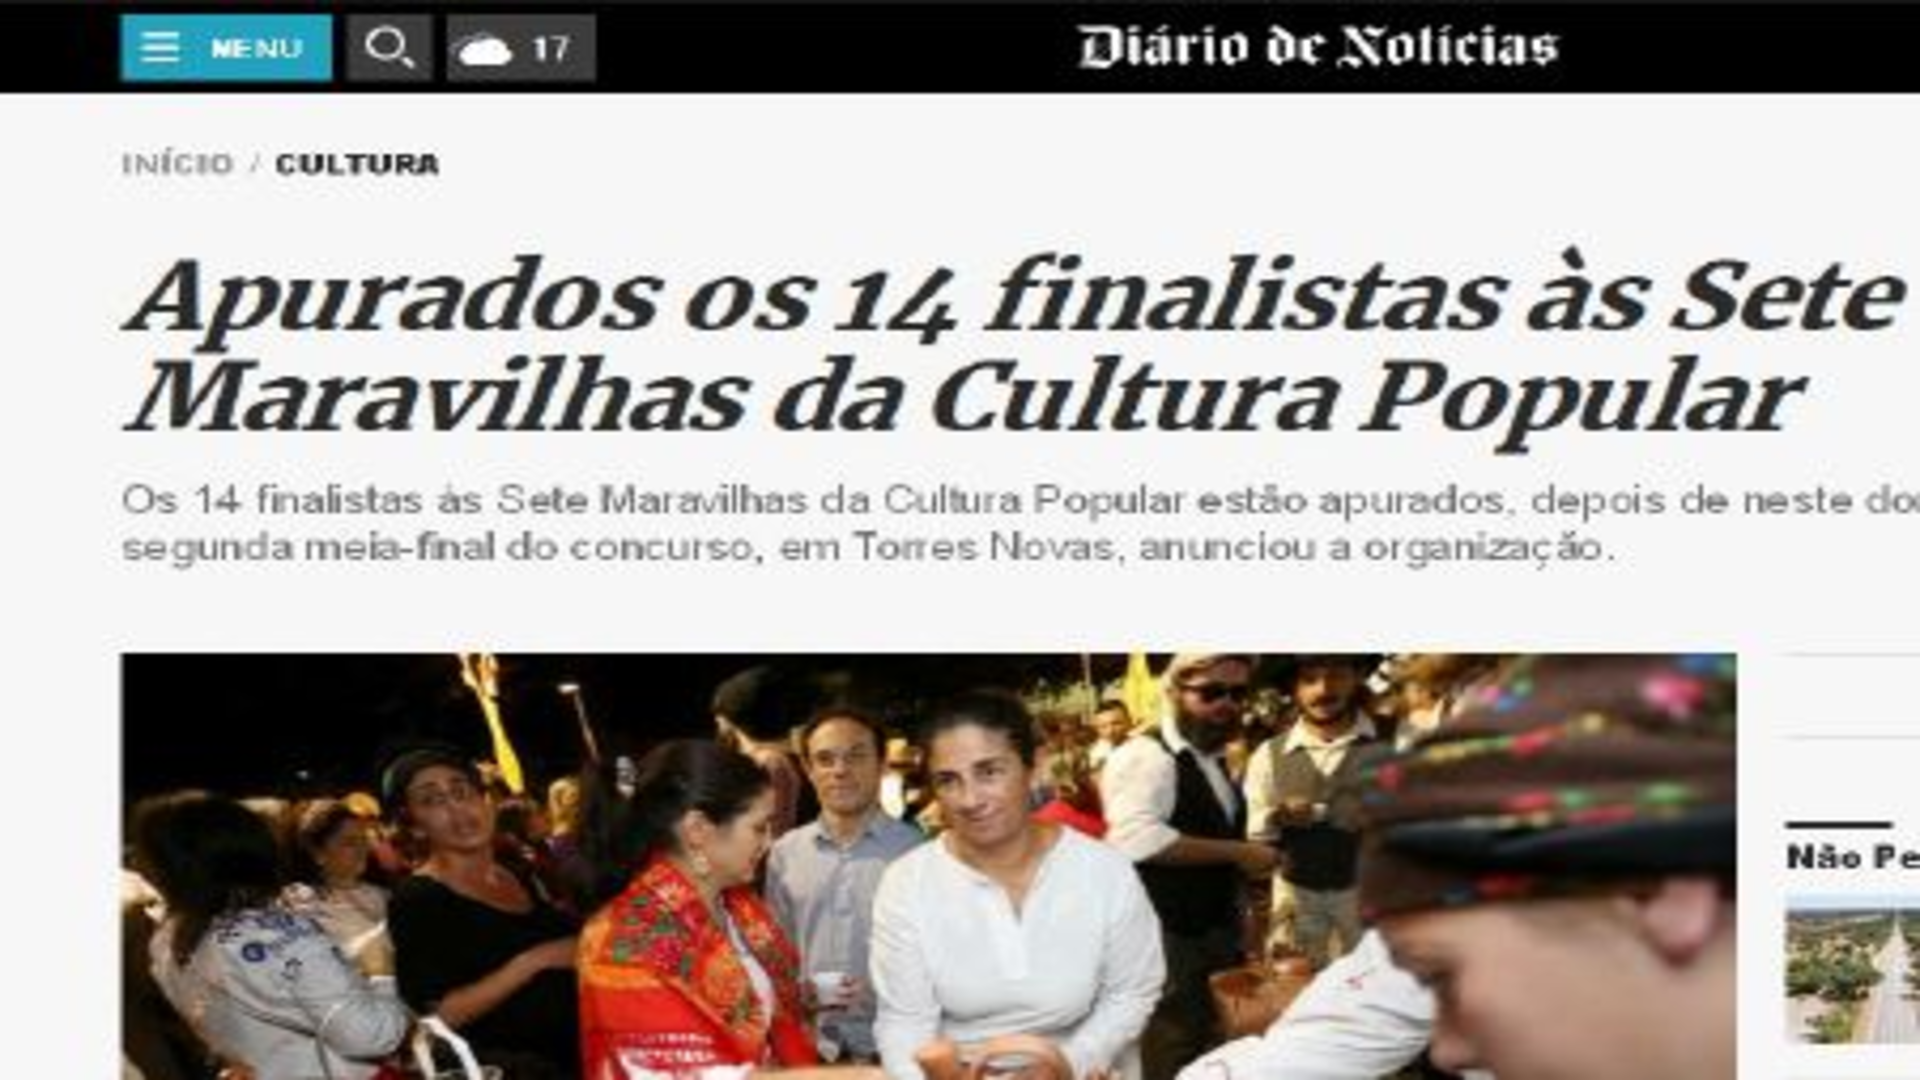 Apurados os 14 Finalistas às 7 Maravilhas da Cultura Popular®- Sical